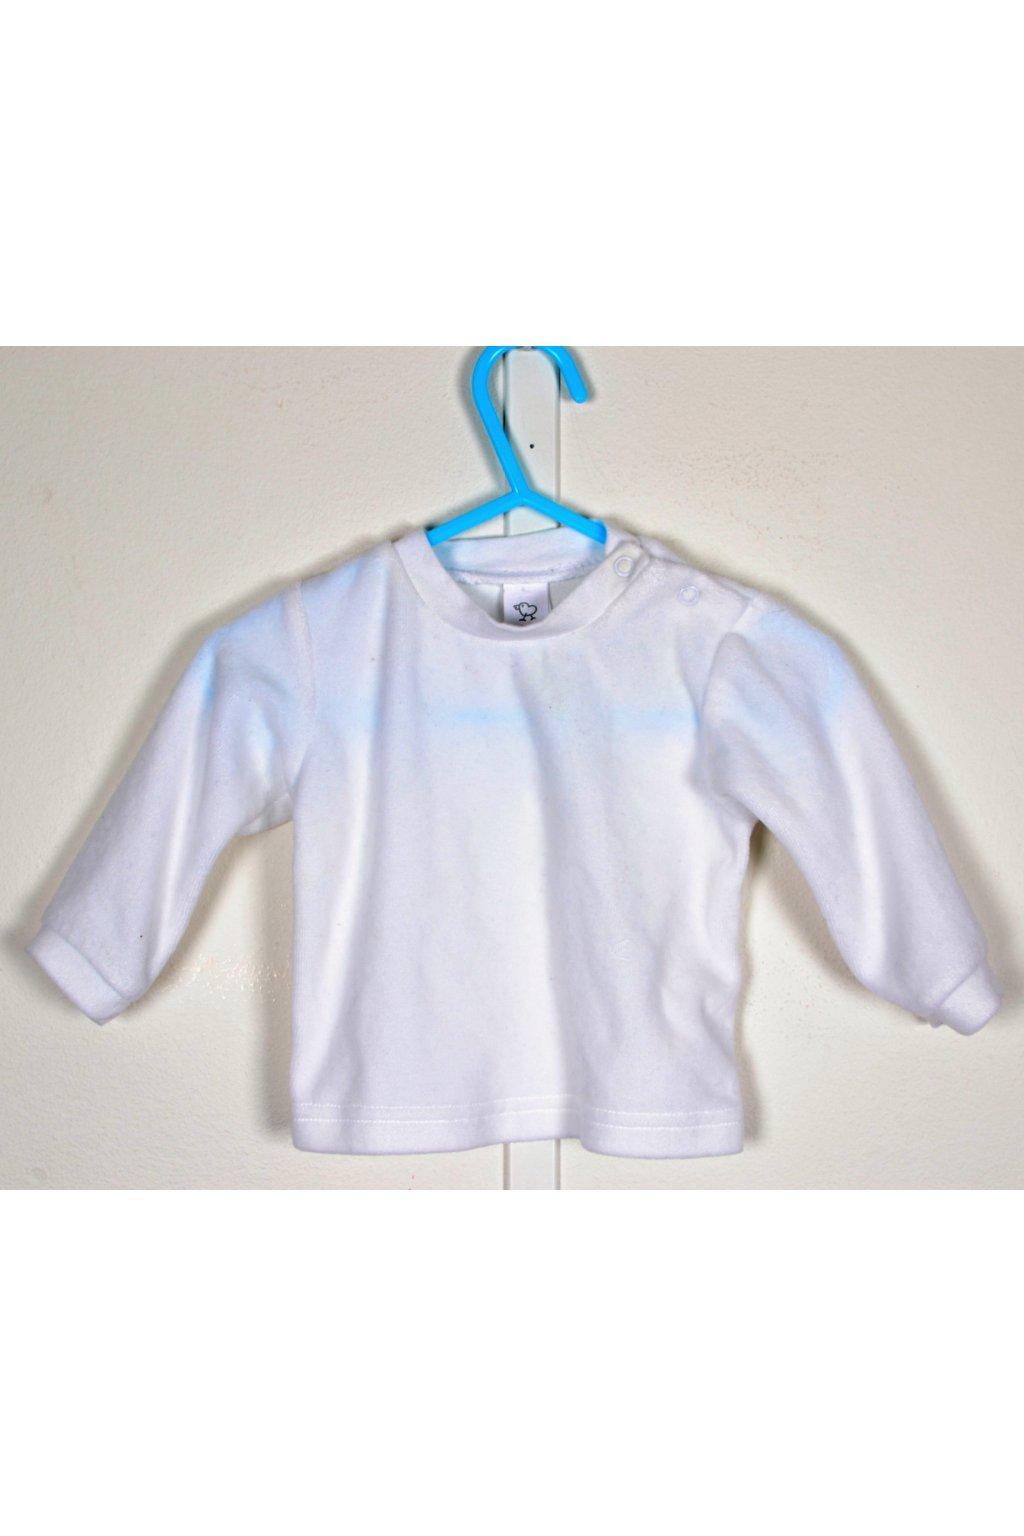 Tričko Baby Club C&A vel 68 bílé sametové